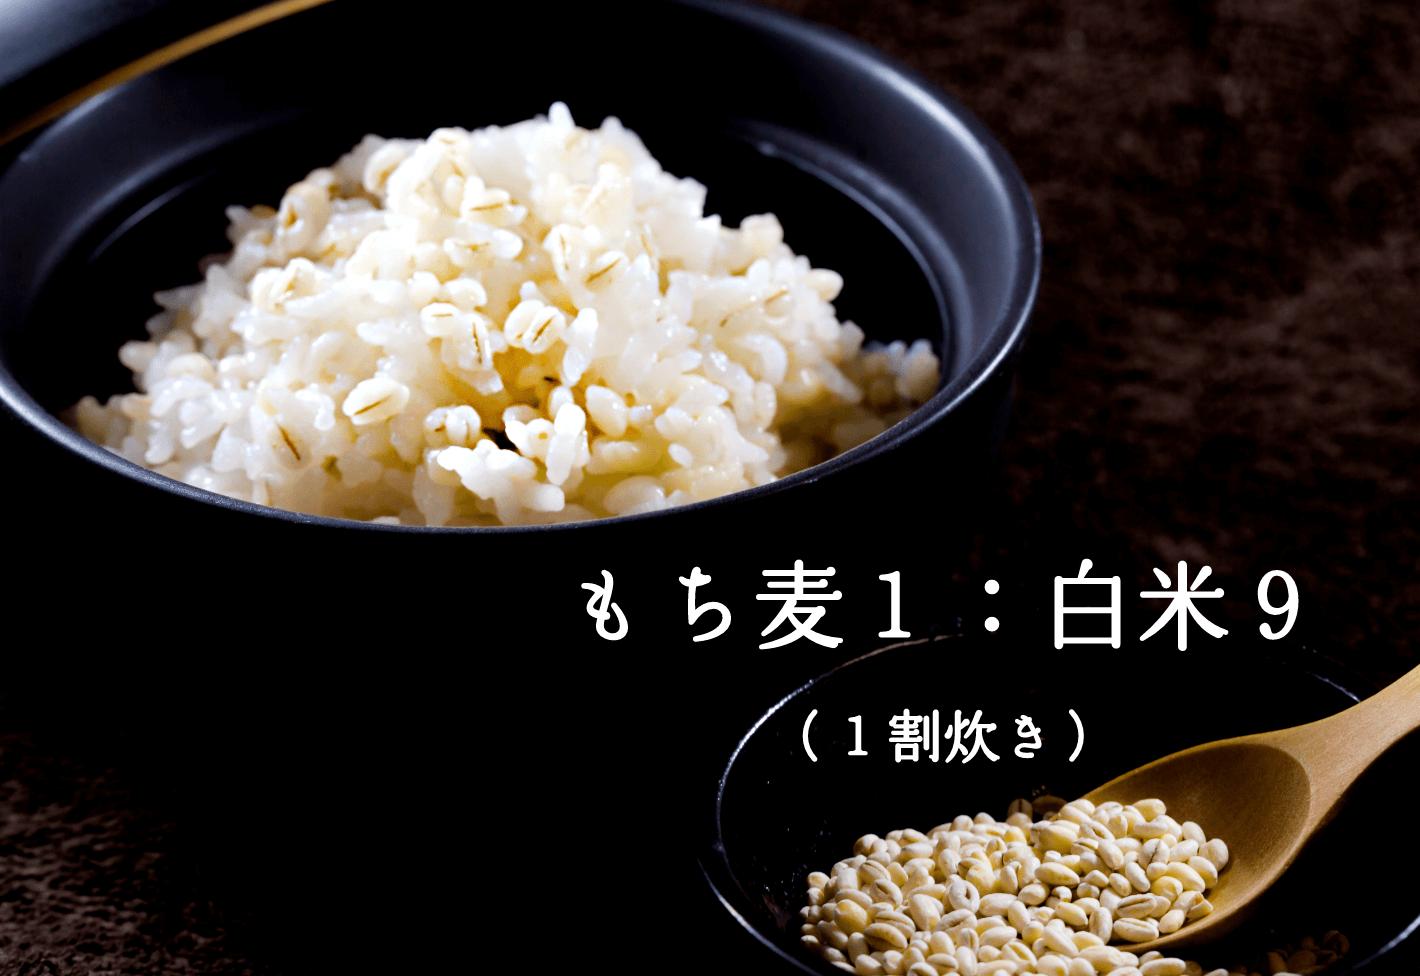 もち麦1:白米9(1割炊き)